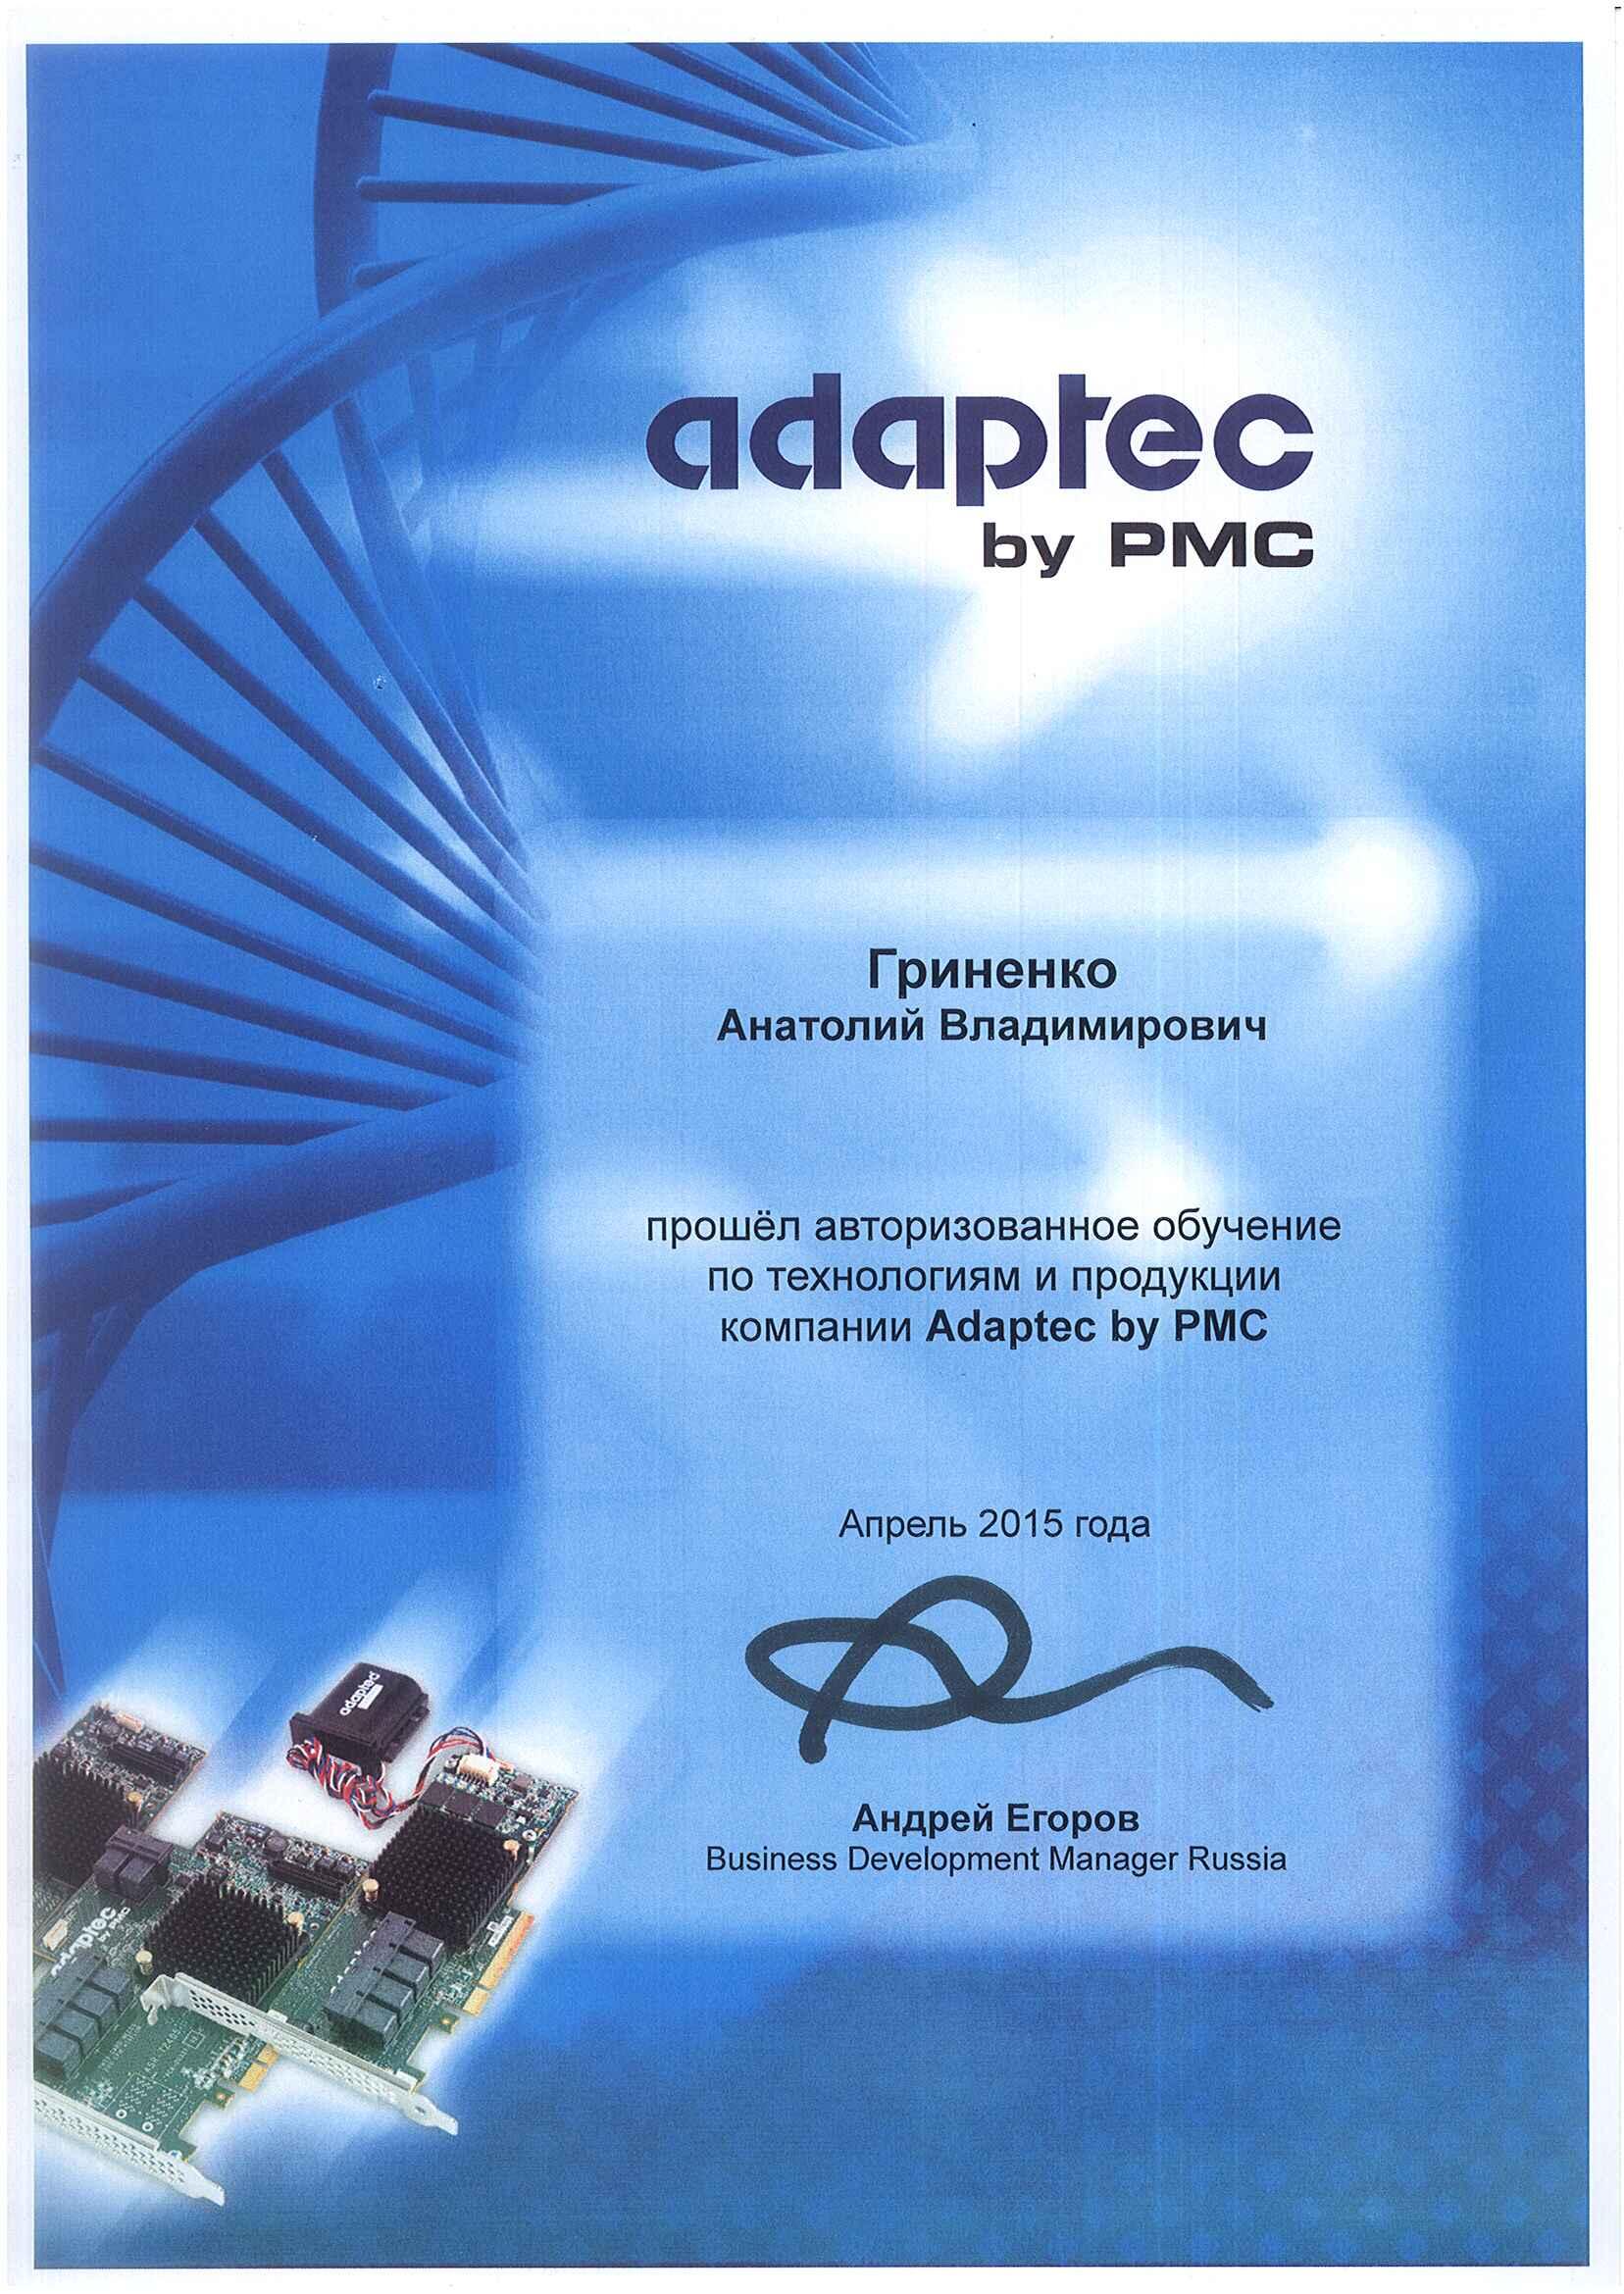 Сертификат Adaptec-Гриненко Анатолий Владимирович